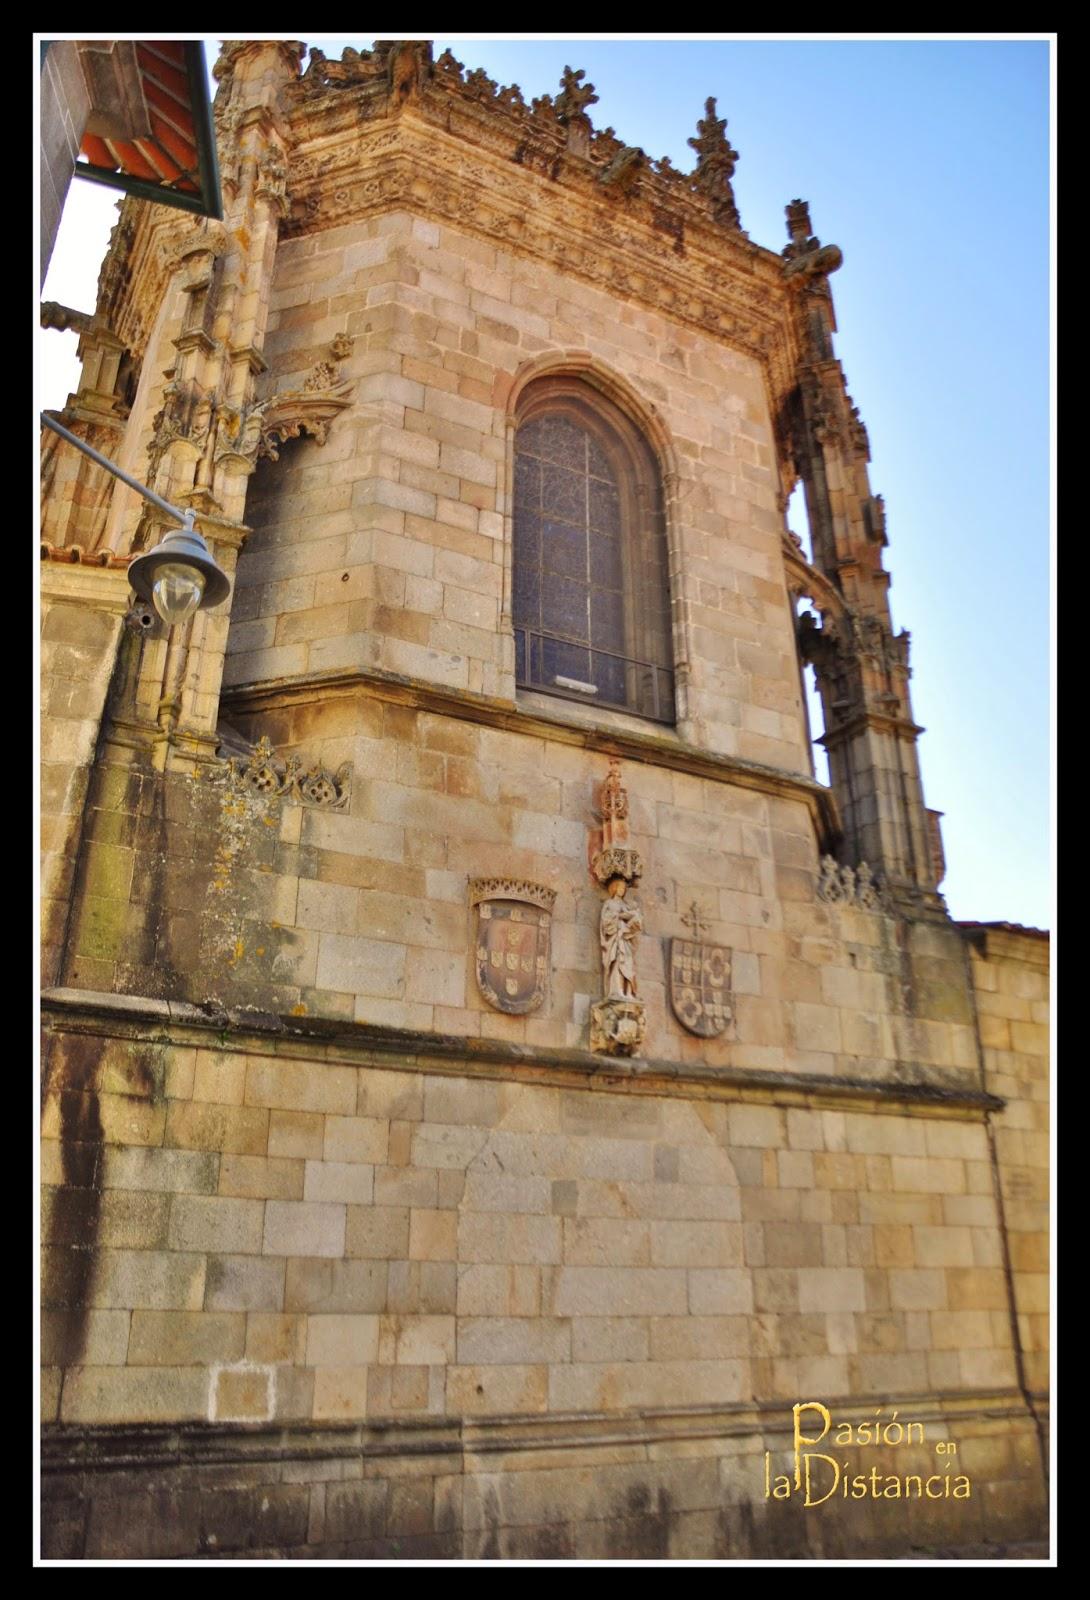 Ábside+Sé+Catedral+Braga